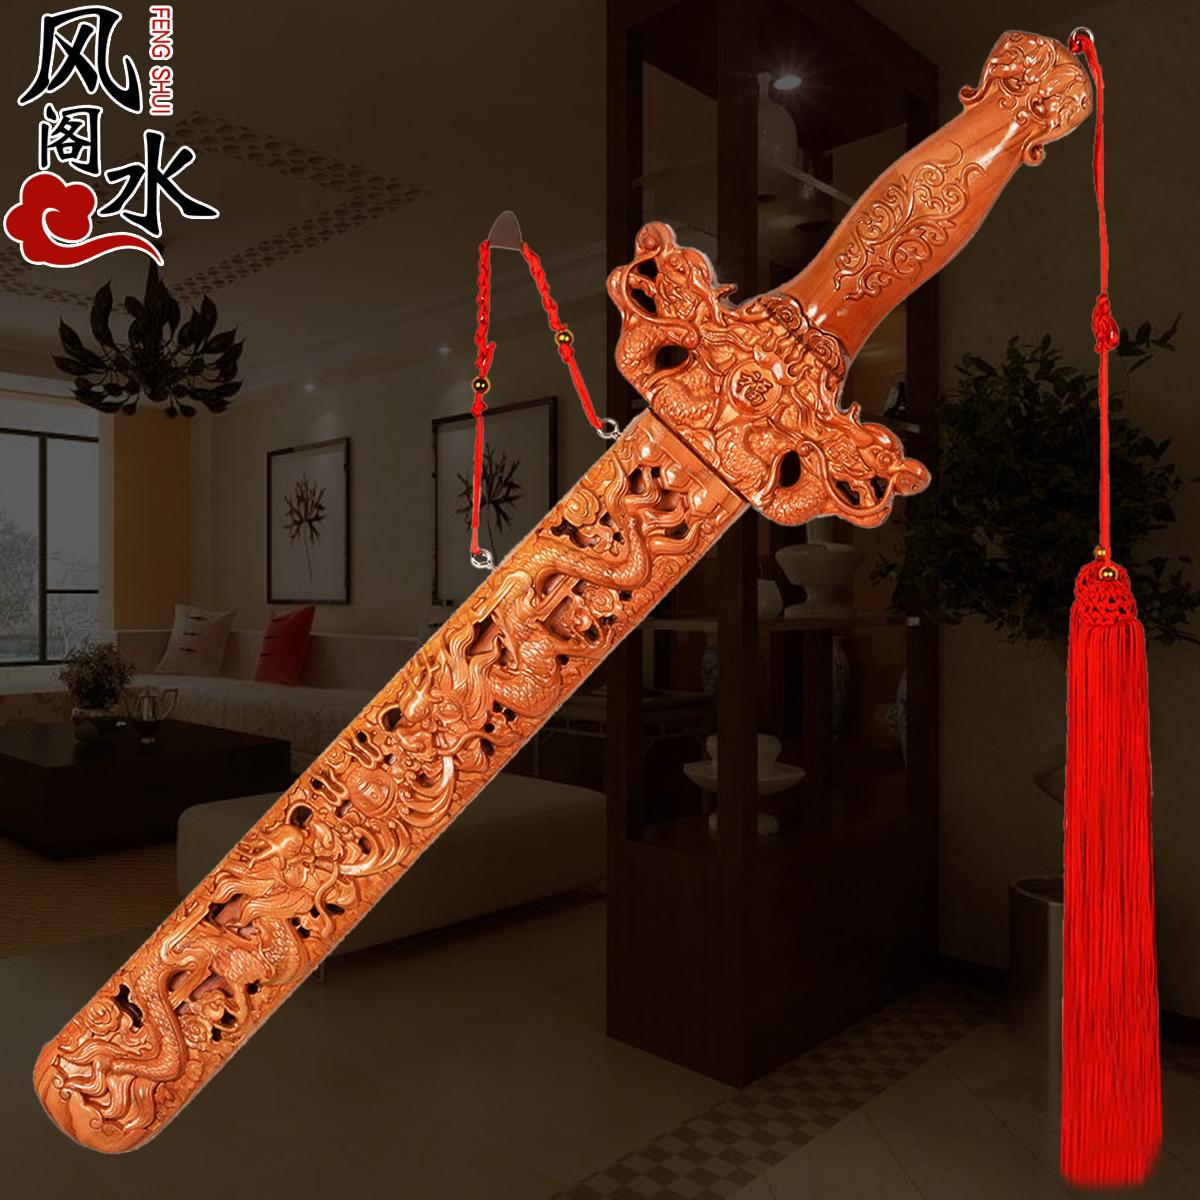 Фэн-шуй павильон жир город красное дерево меч украшение резьба по дереву кулон домой декоративный статья качели установить резьба двойной дракон дорога ученый меч